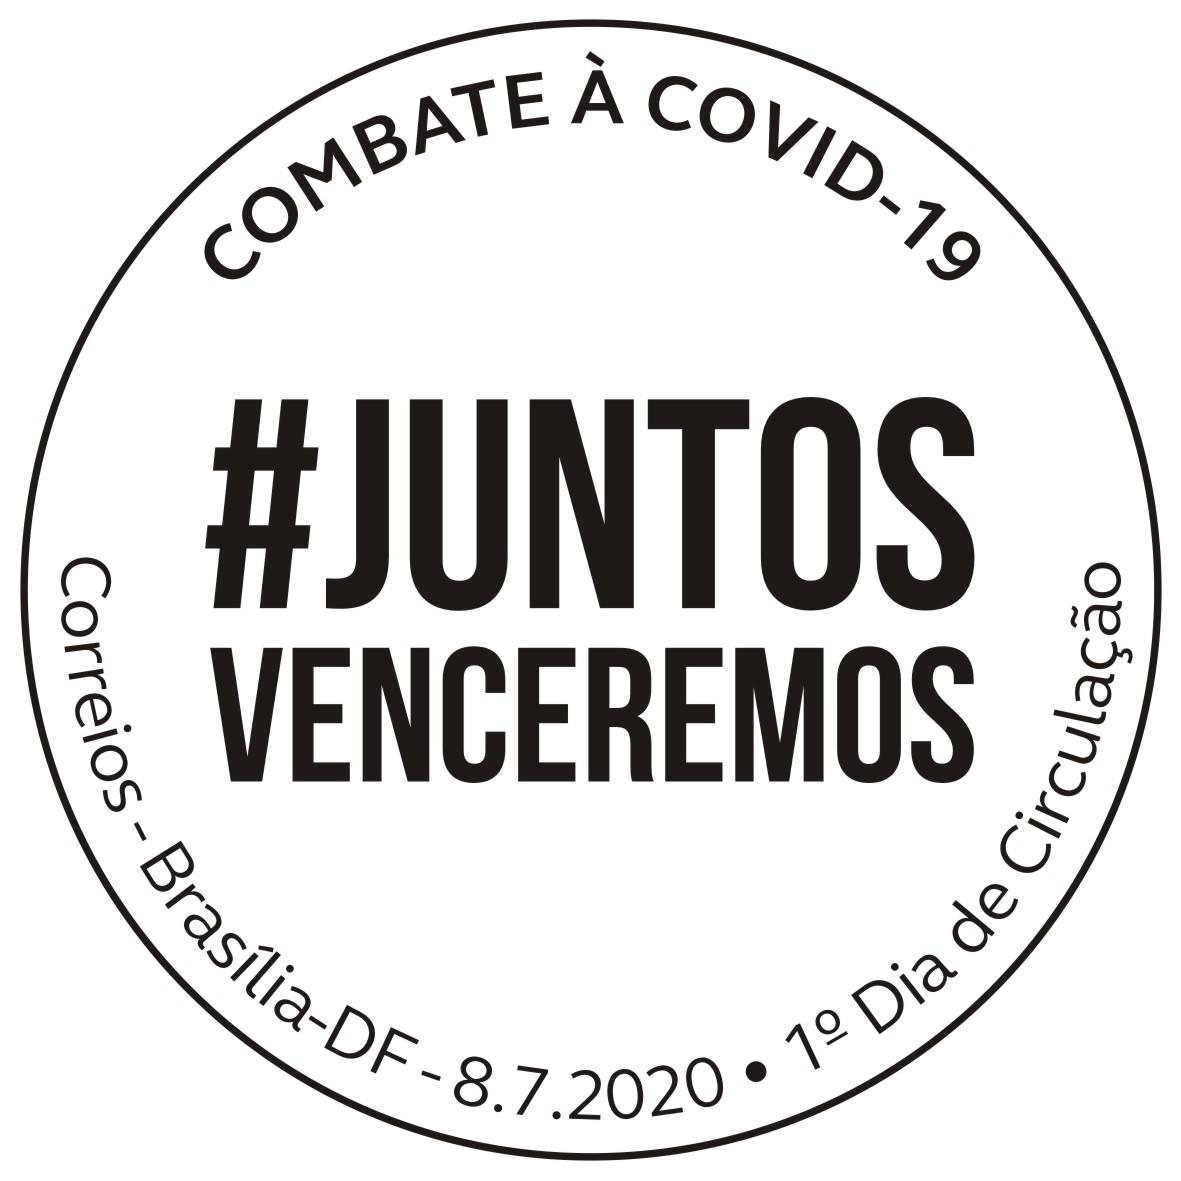 巴西7月8日抗击COVID-19邮票纪念邮戳